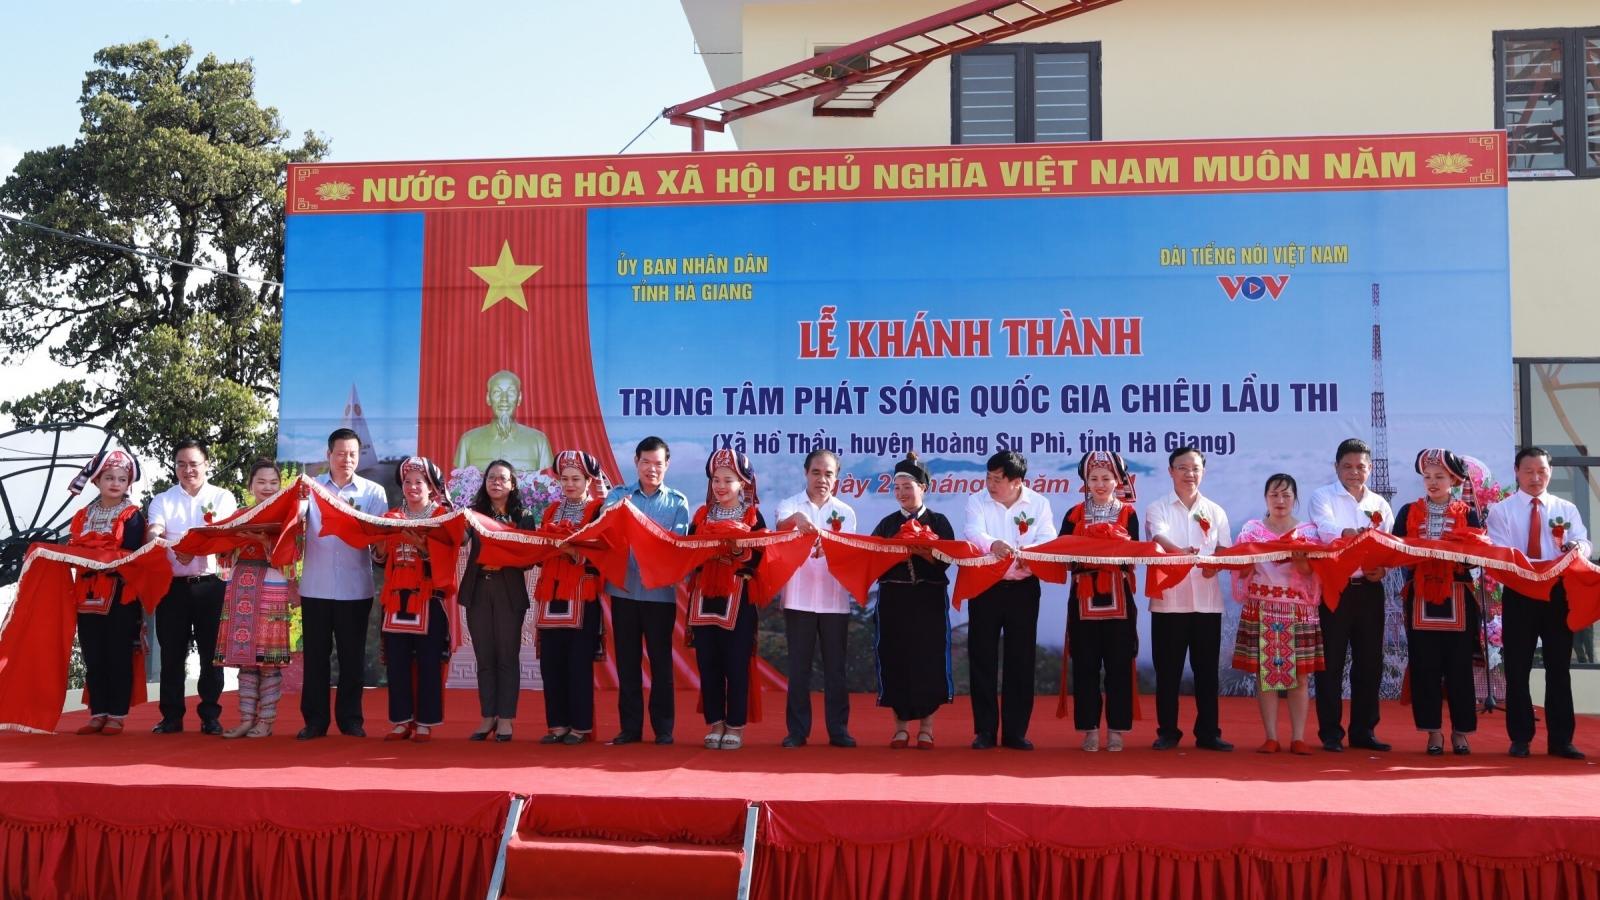 Đài Tiếng nói Việt Nam khánh thành Trung tâm Phát sóng Quốc gia Chiêu Lầu Thi